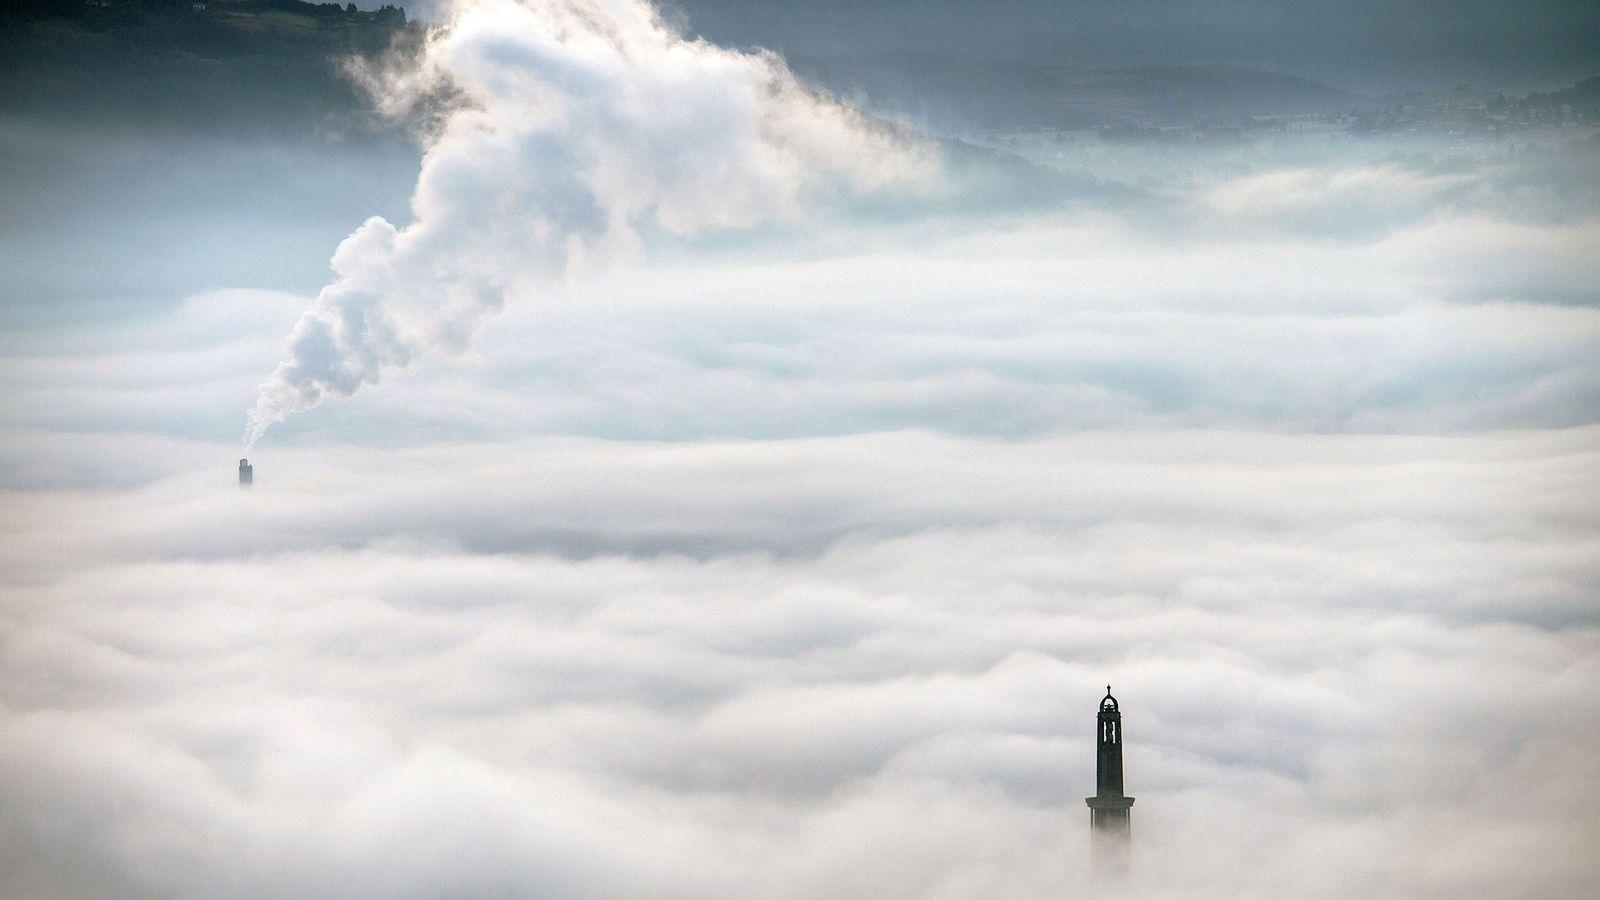 A fumaça da central de aquecimento urbano ultrapassa as nuvens próximo de uma torre de observação ...